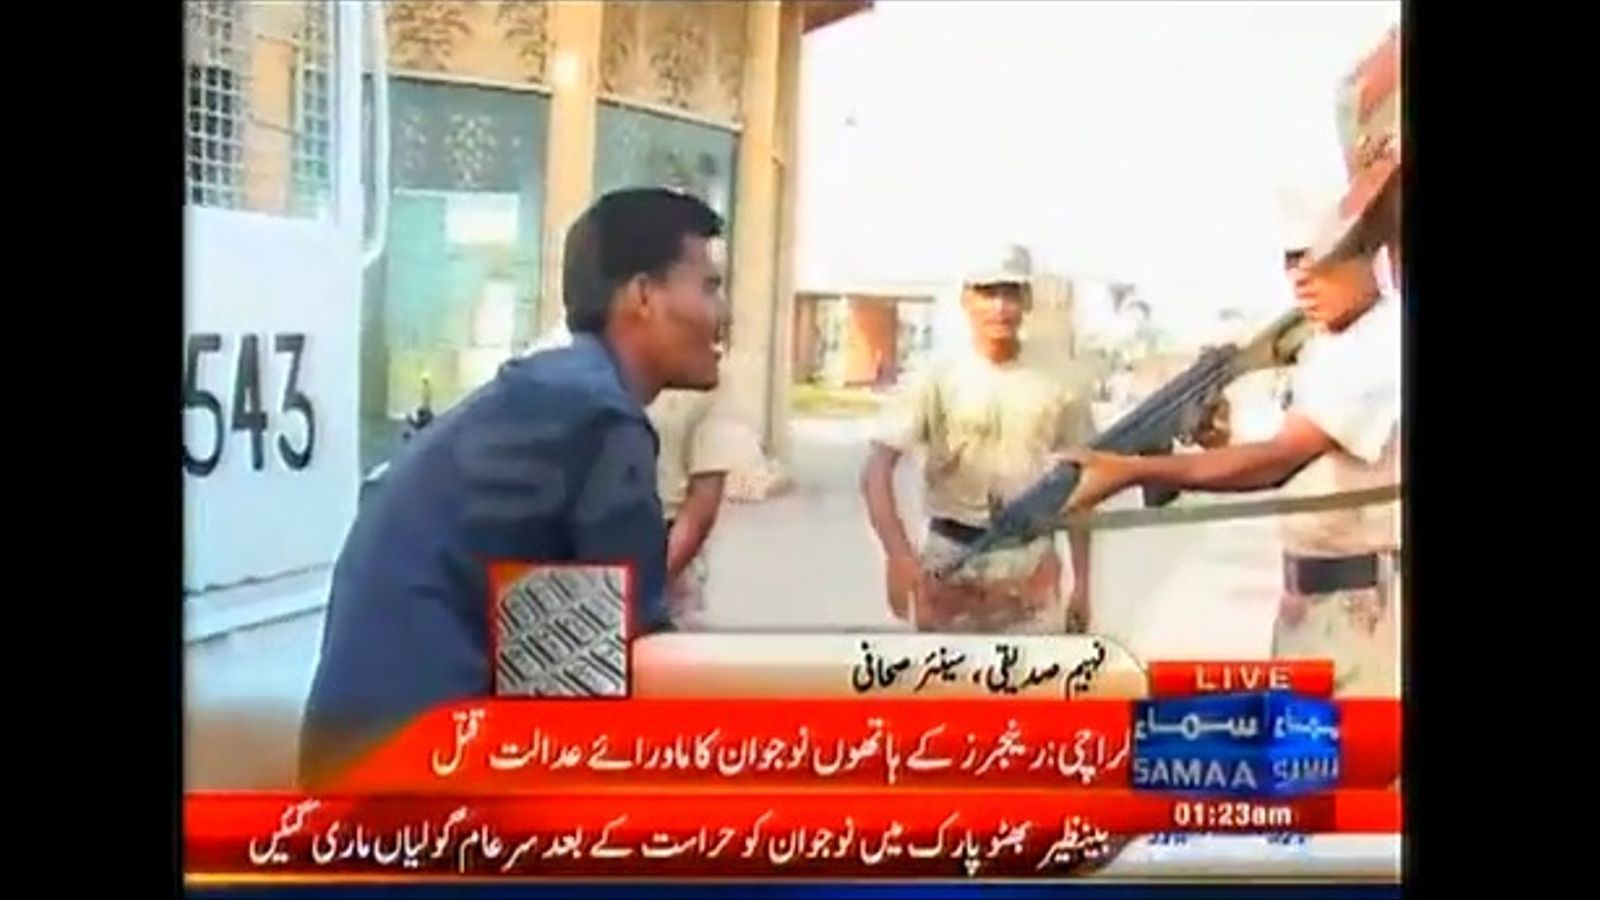 Un soldat mata a boca de canó un adolescent al Pakistan